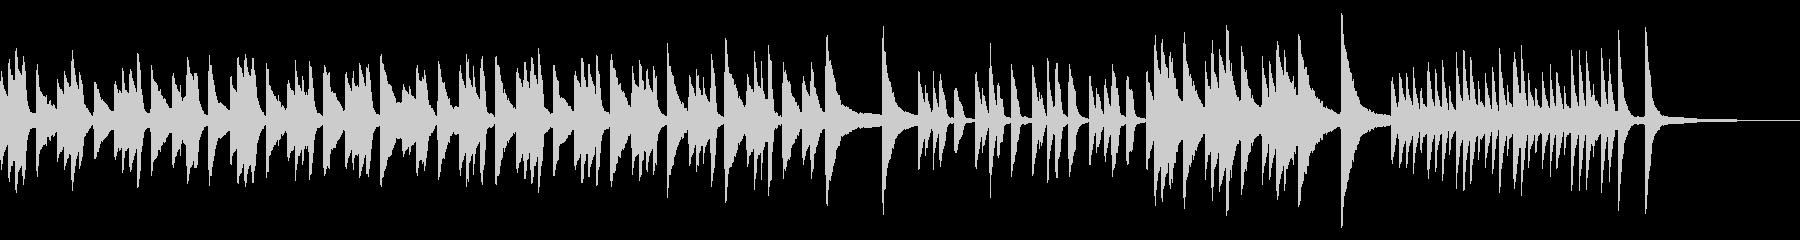 ピアノソロ災害やコロナで心の不安や心配像の未再生の波形